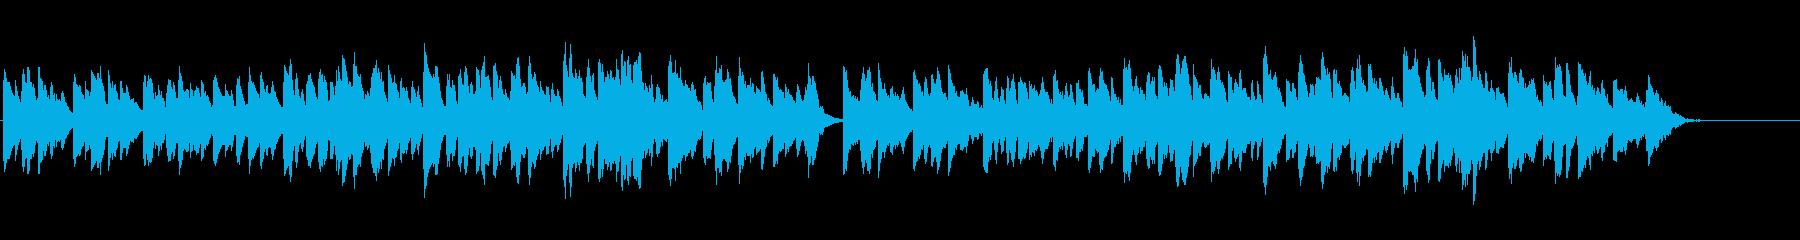 きよしこの夜♪をベル・アンサンブルでの再生済みの波形